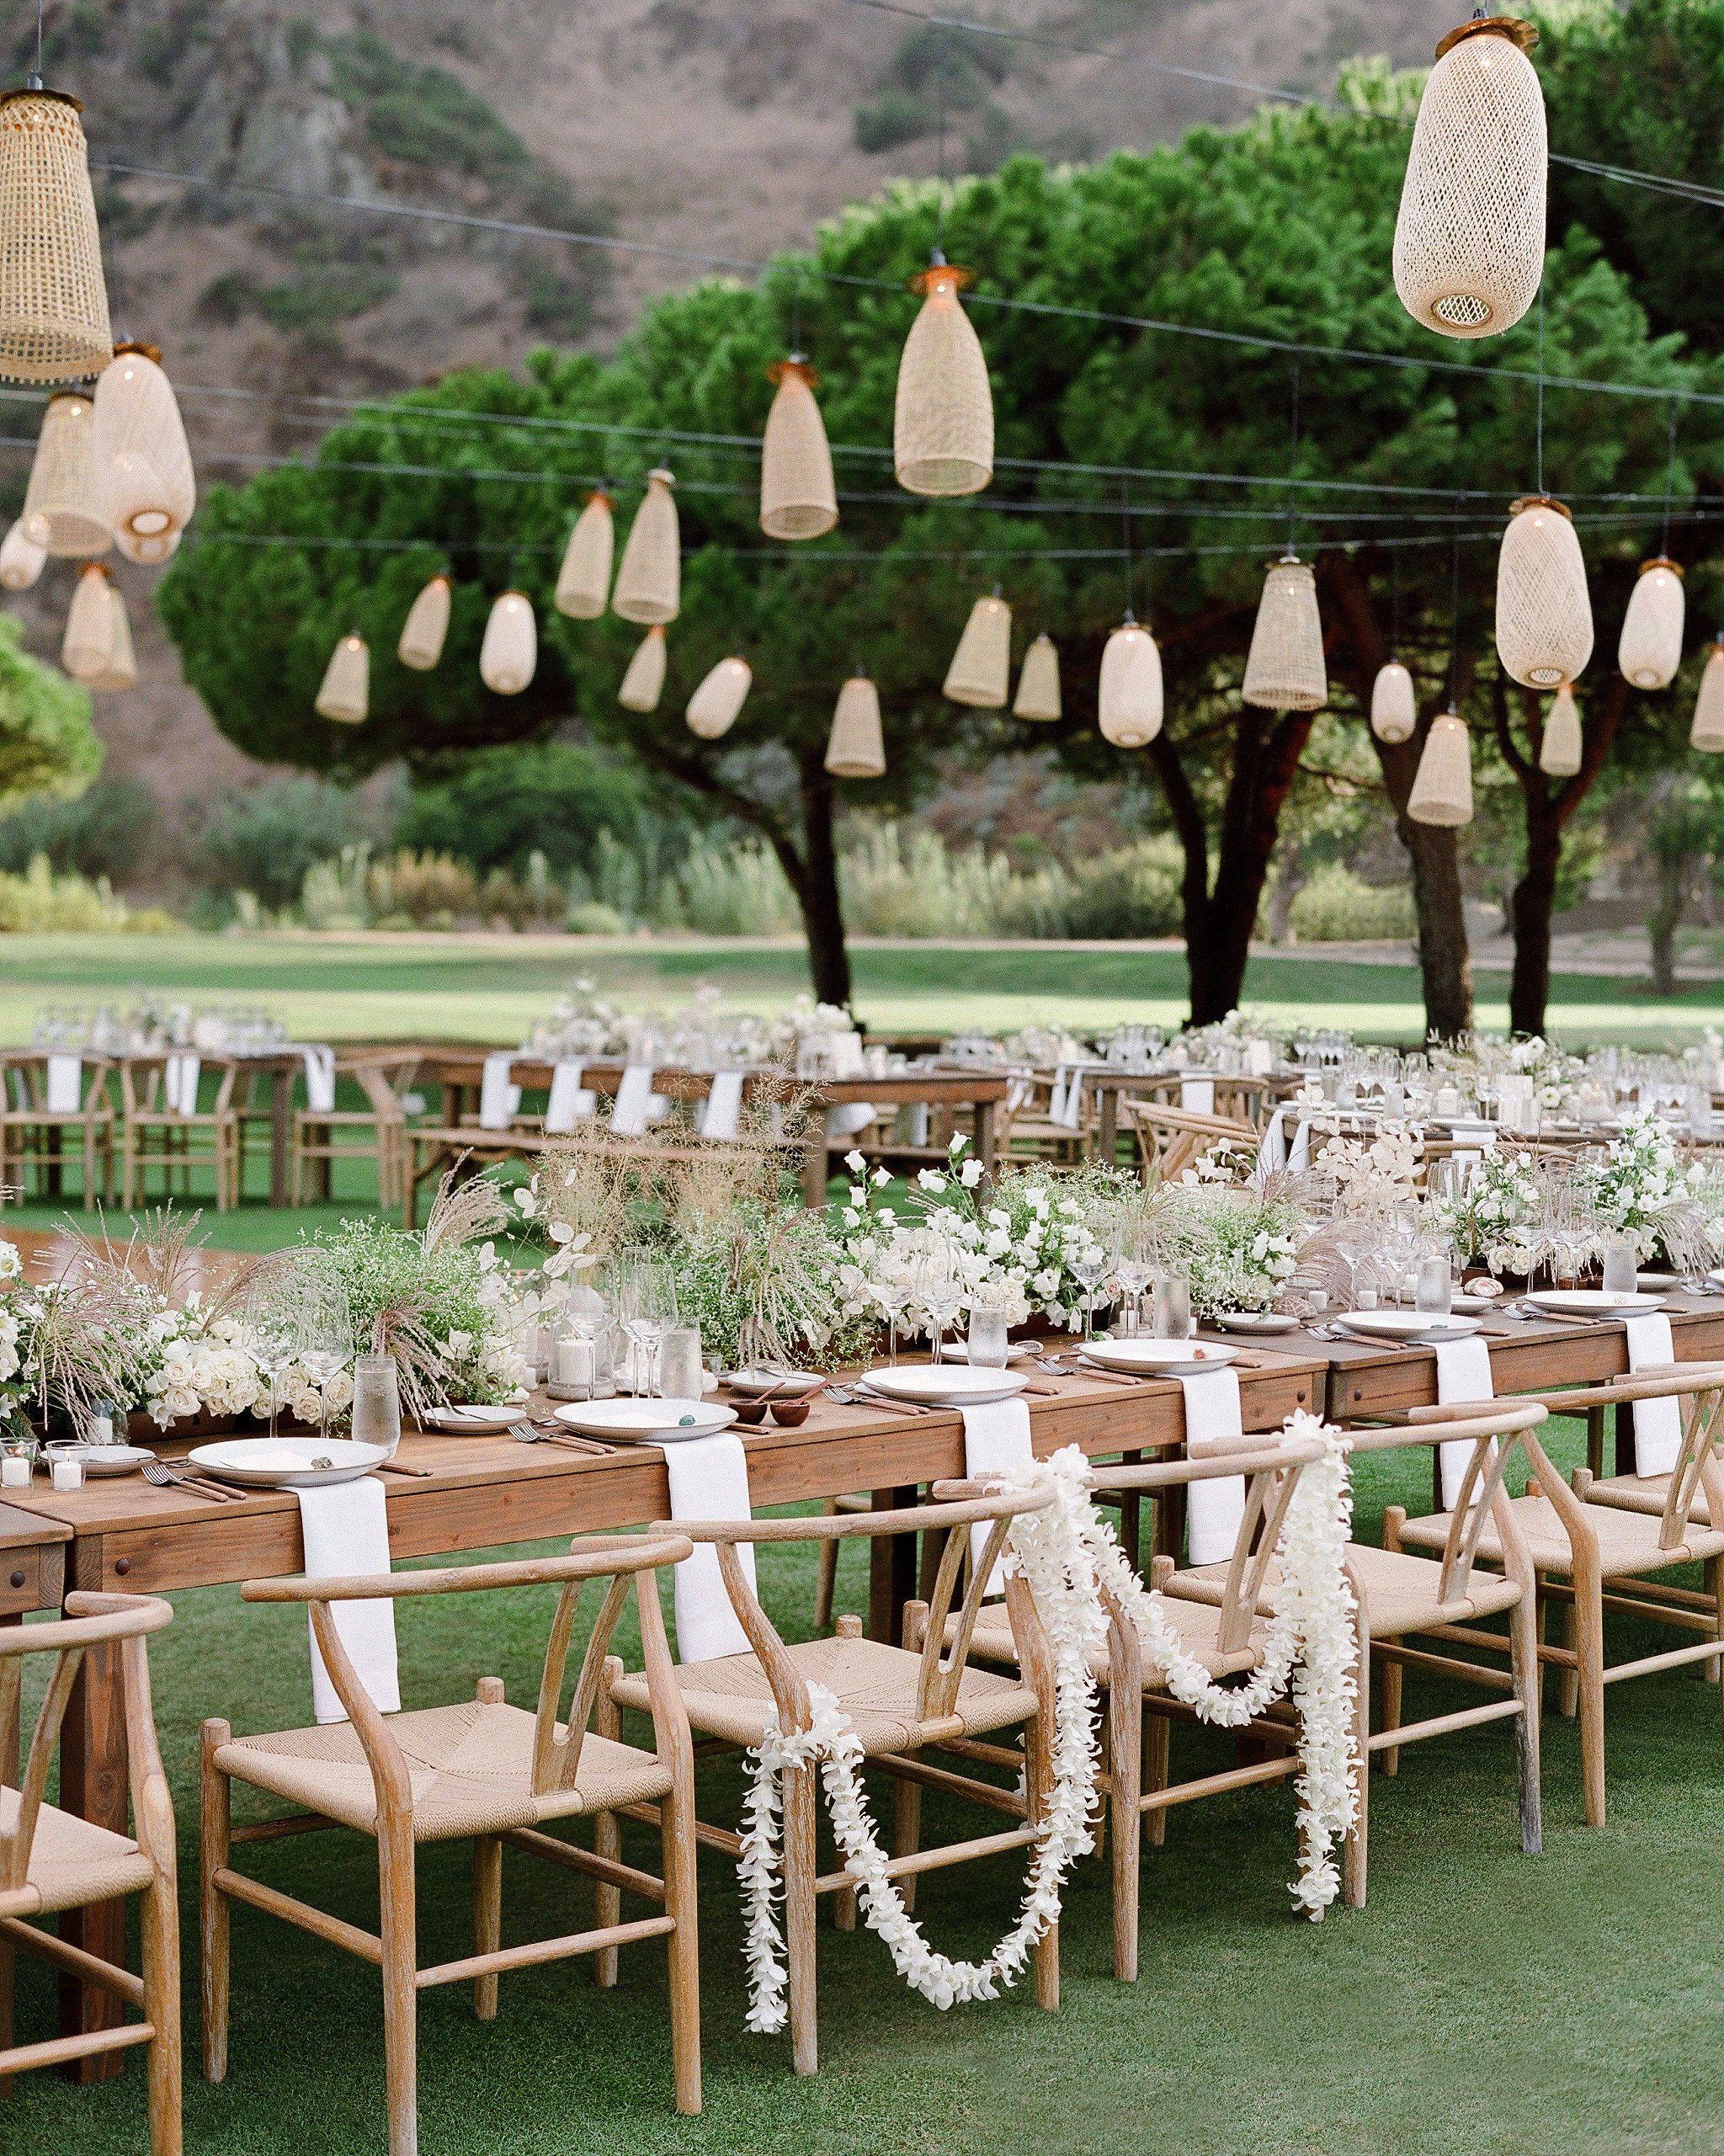 A California Cool Wedding In Laguna Beach Wedding Southern California Southern California Wedding Venues California Wedding Venues